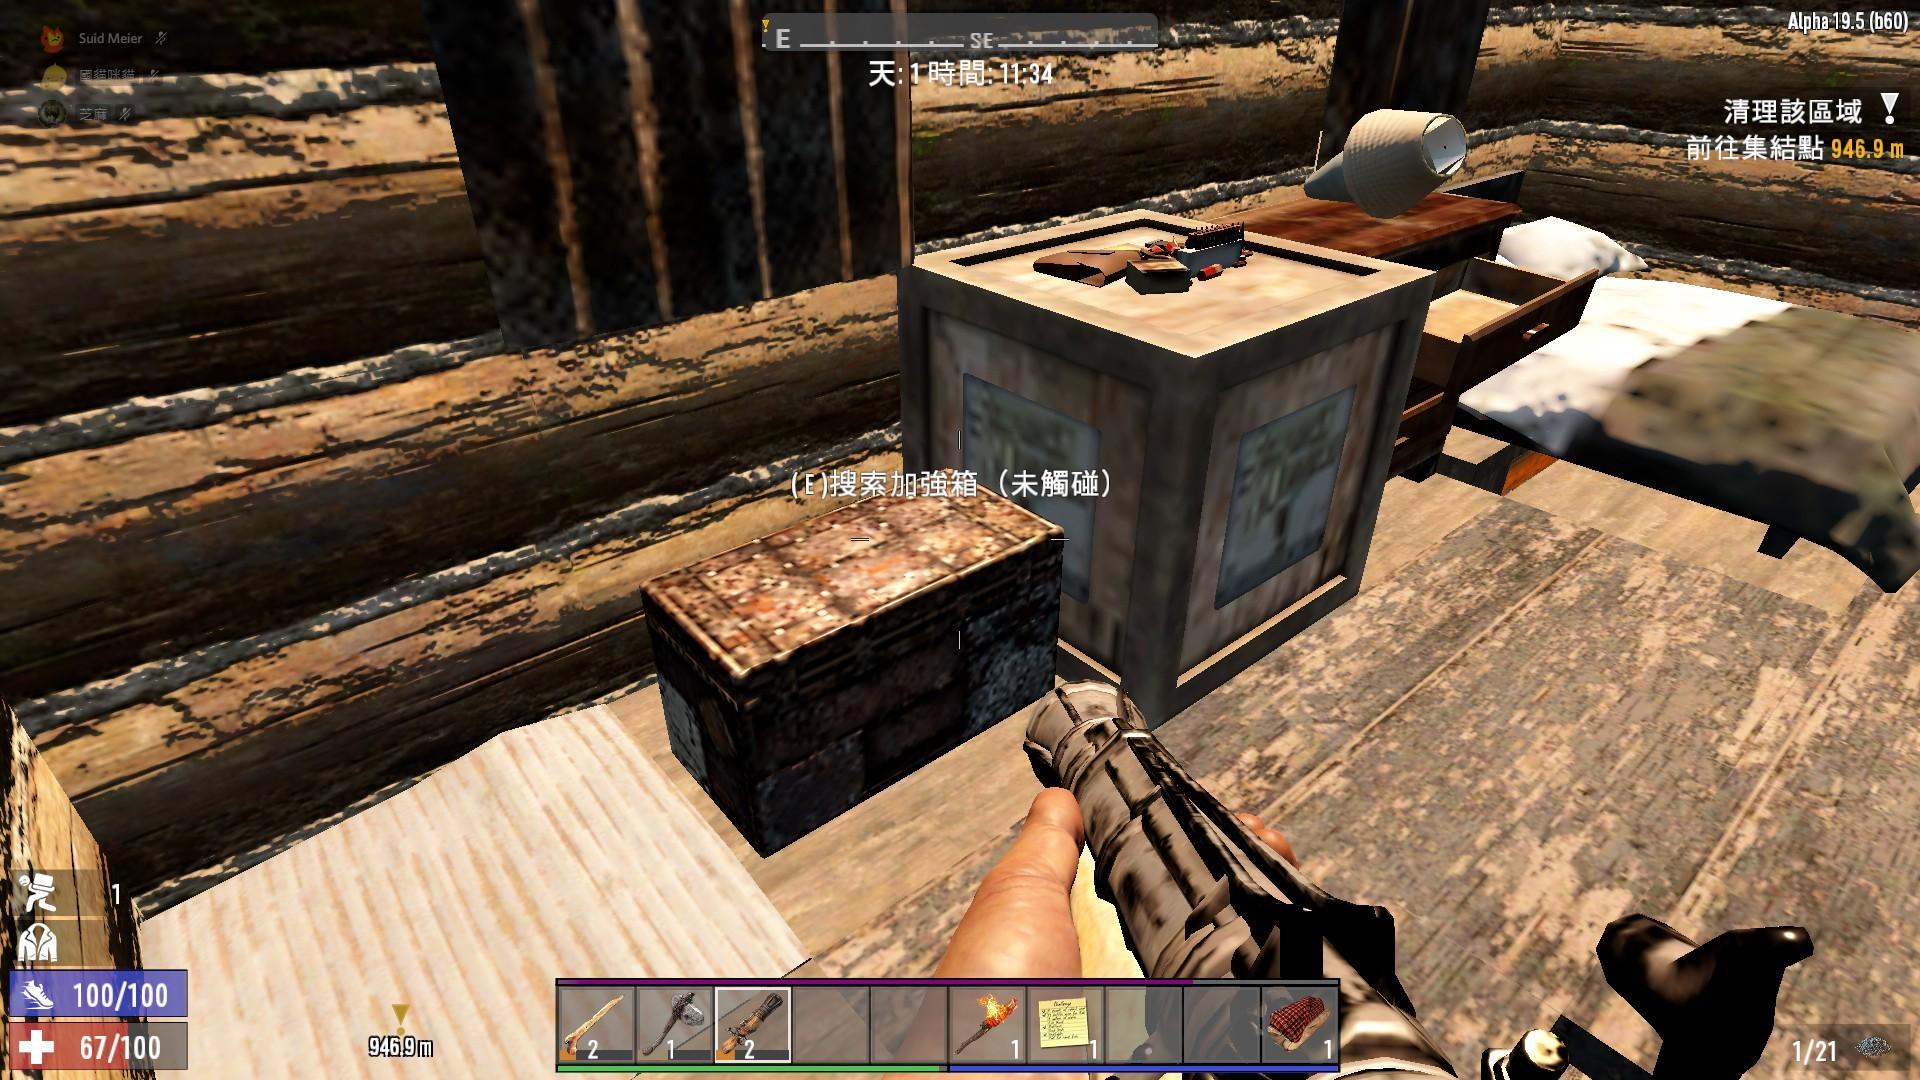 游戏《七日杀》在丧尸横行的末日废土中如何生存下去 (7)